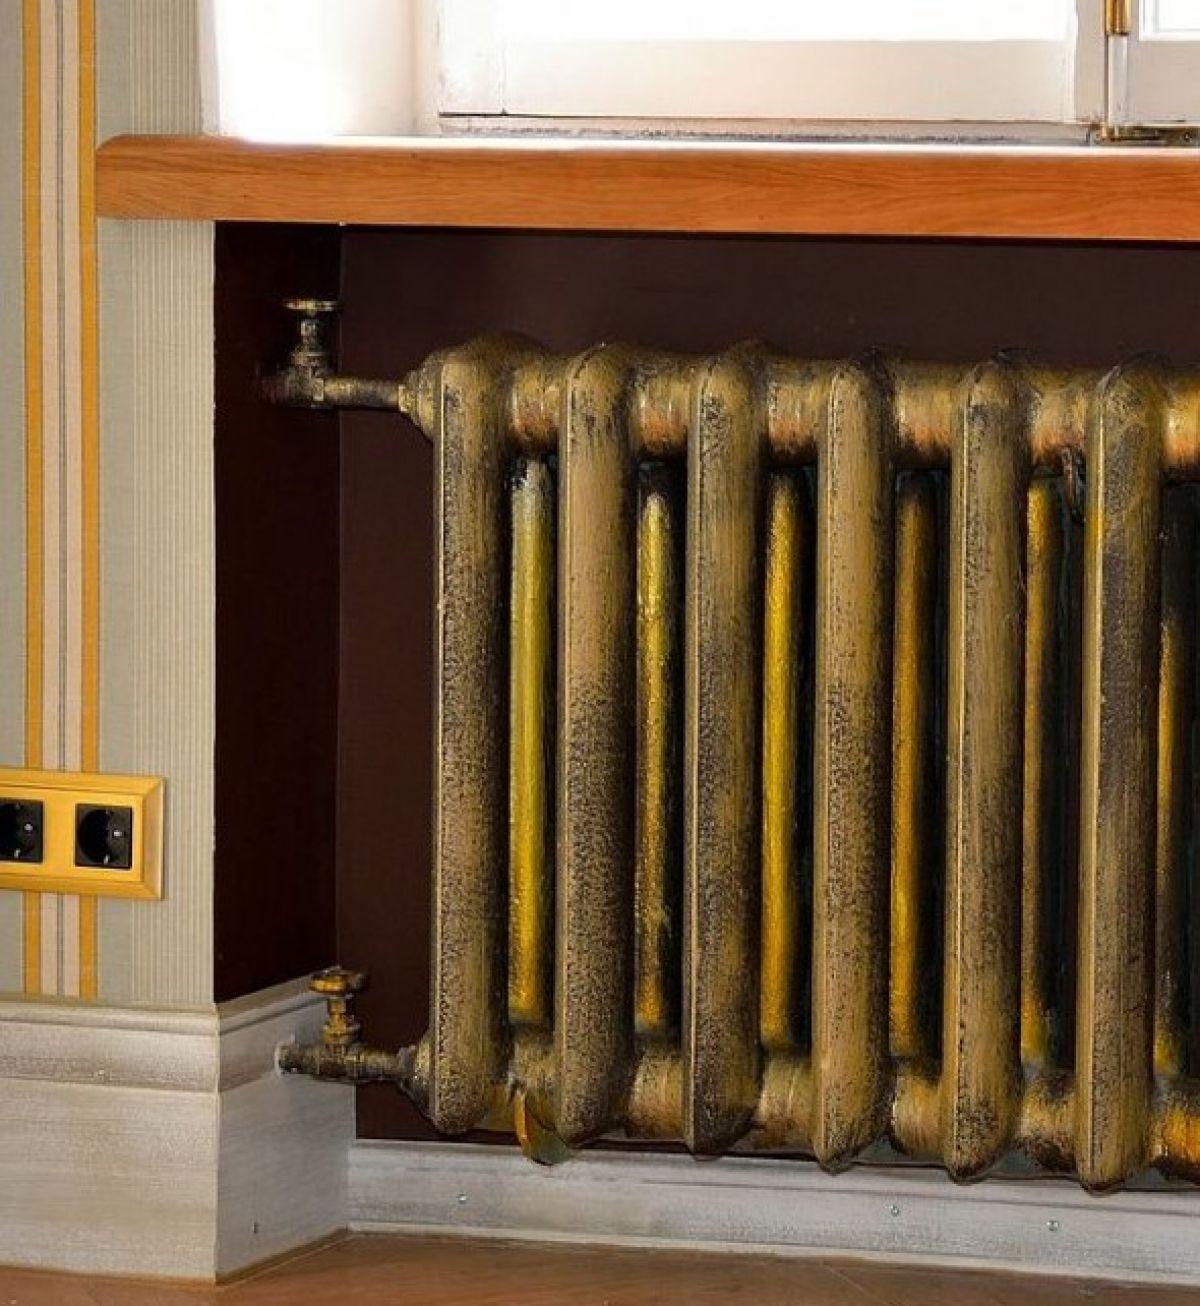 Отопительный радиатор в дизайне интерьера - стиль, бюджет и фантазия 5013